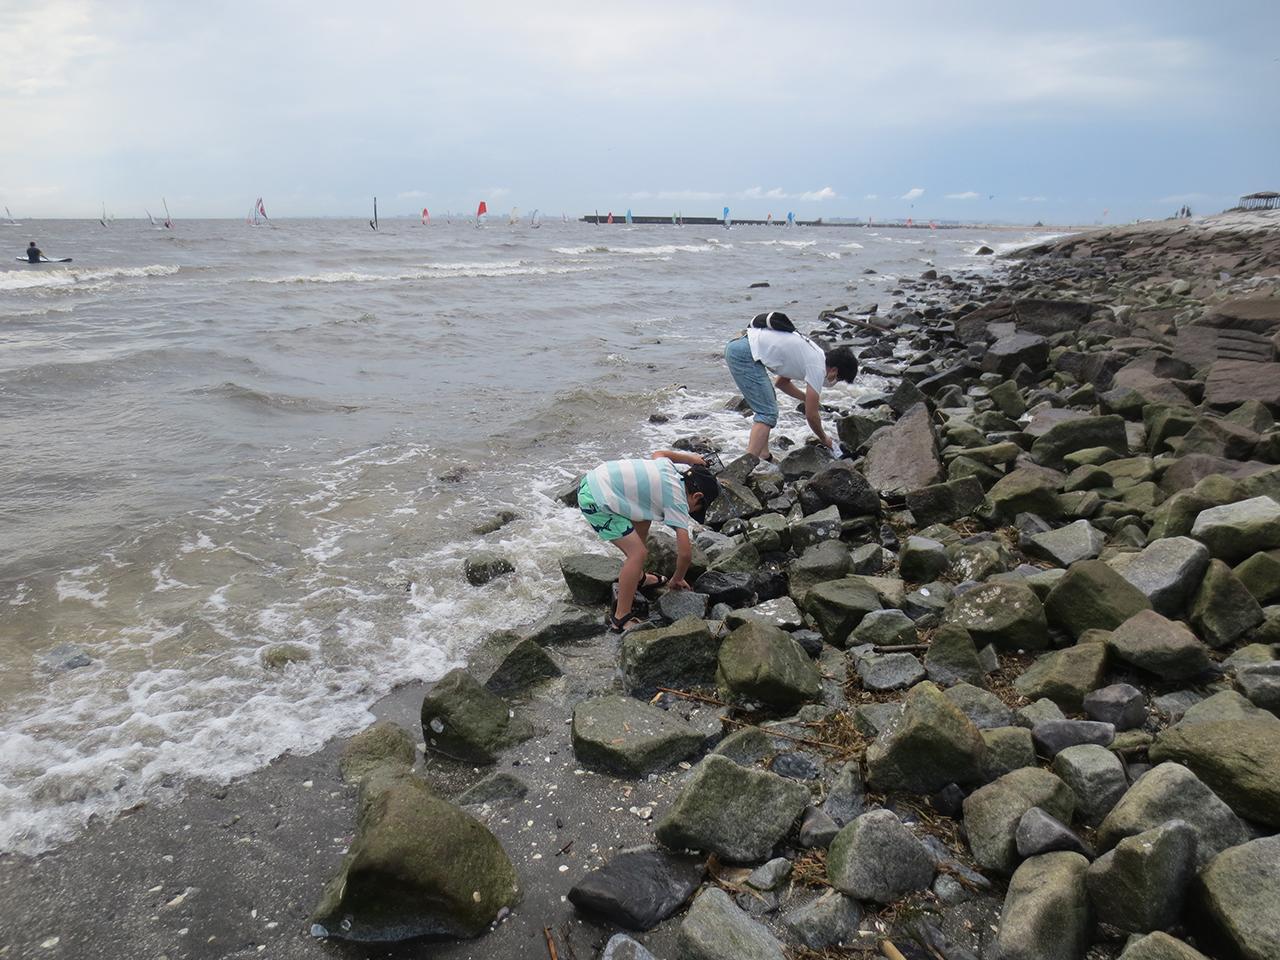 岩場でカニや魚を見つけている写真